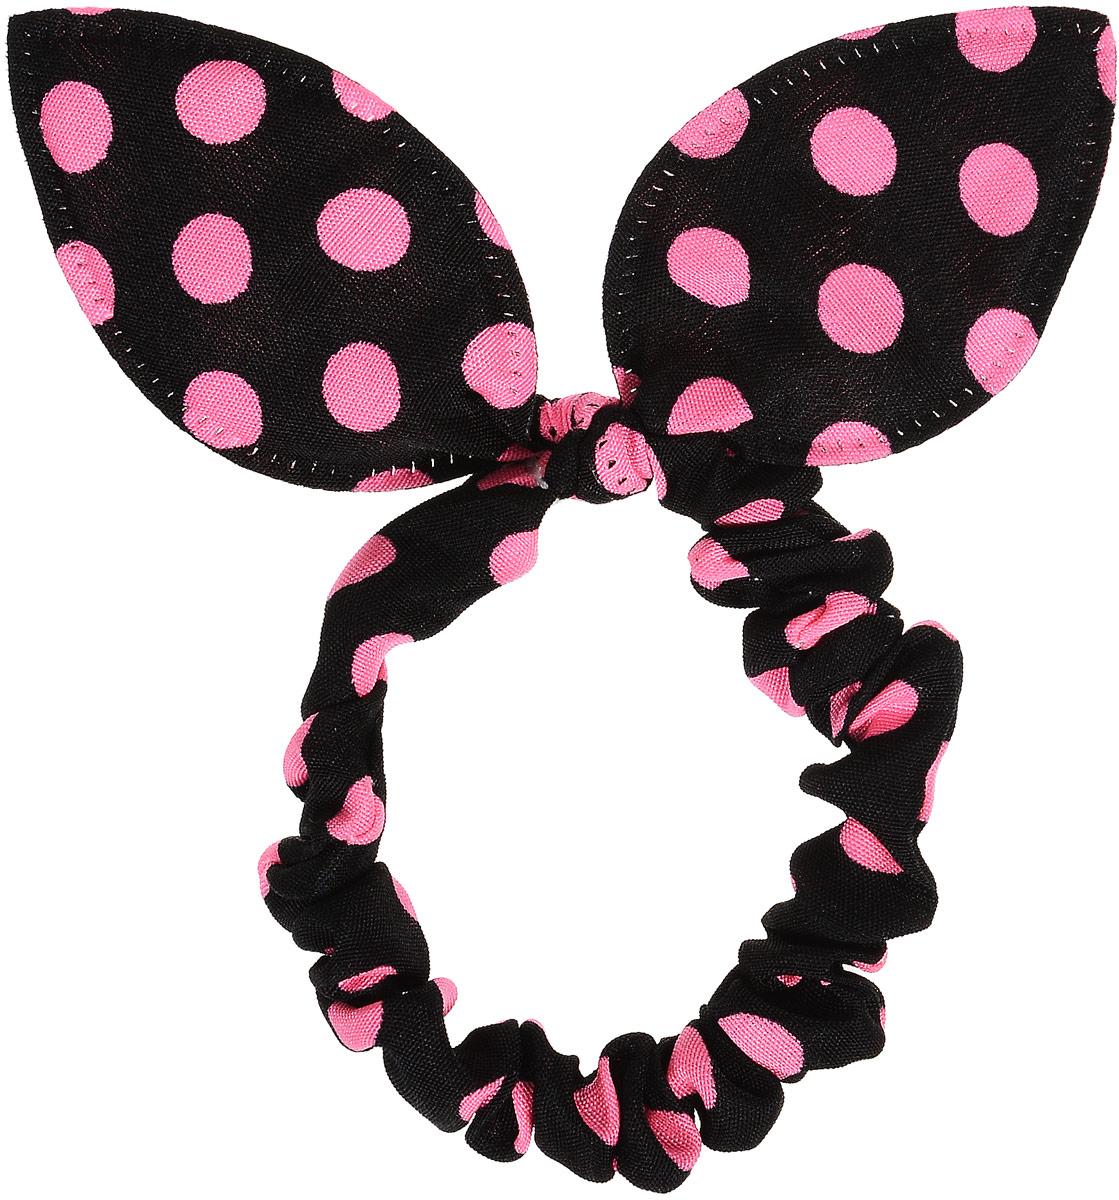 Magic Leverage Резинка для волос, цвет: черный, розовый